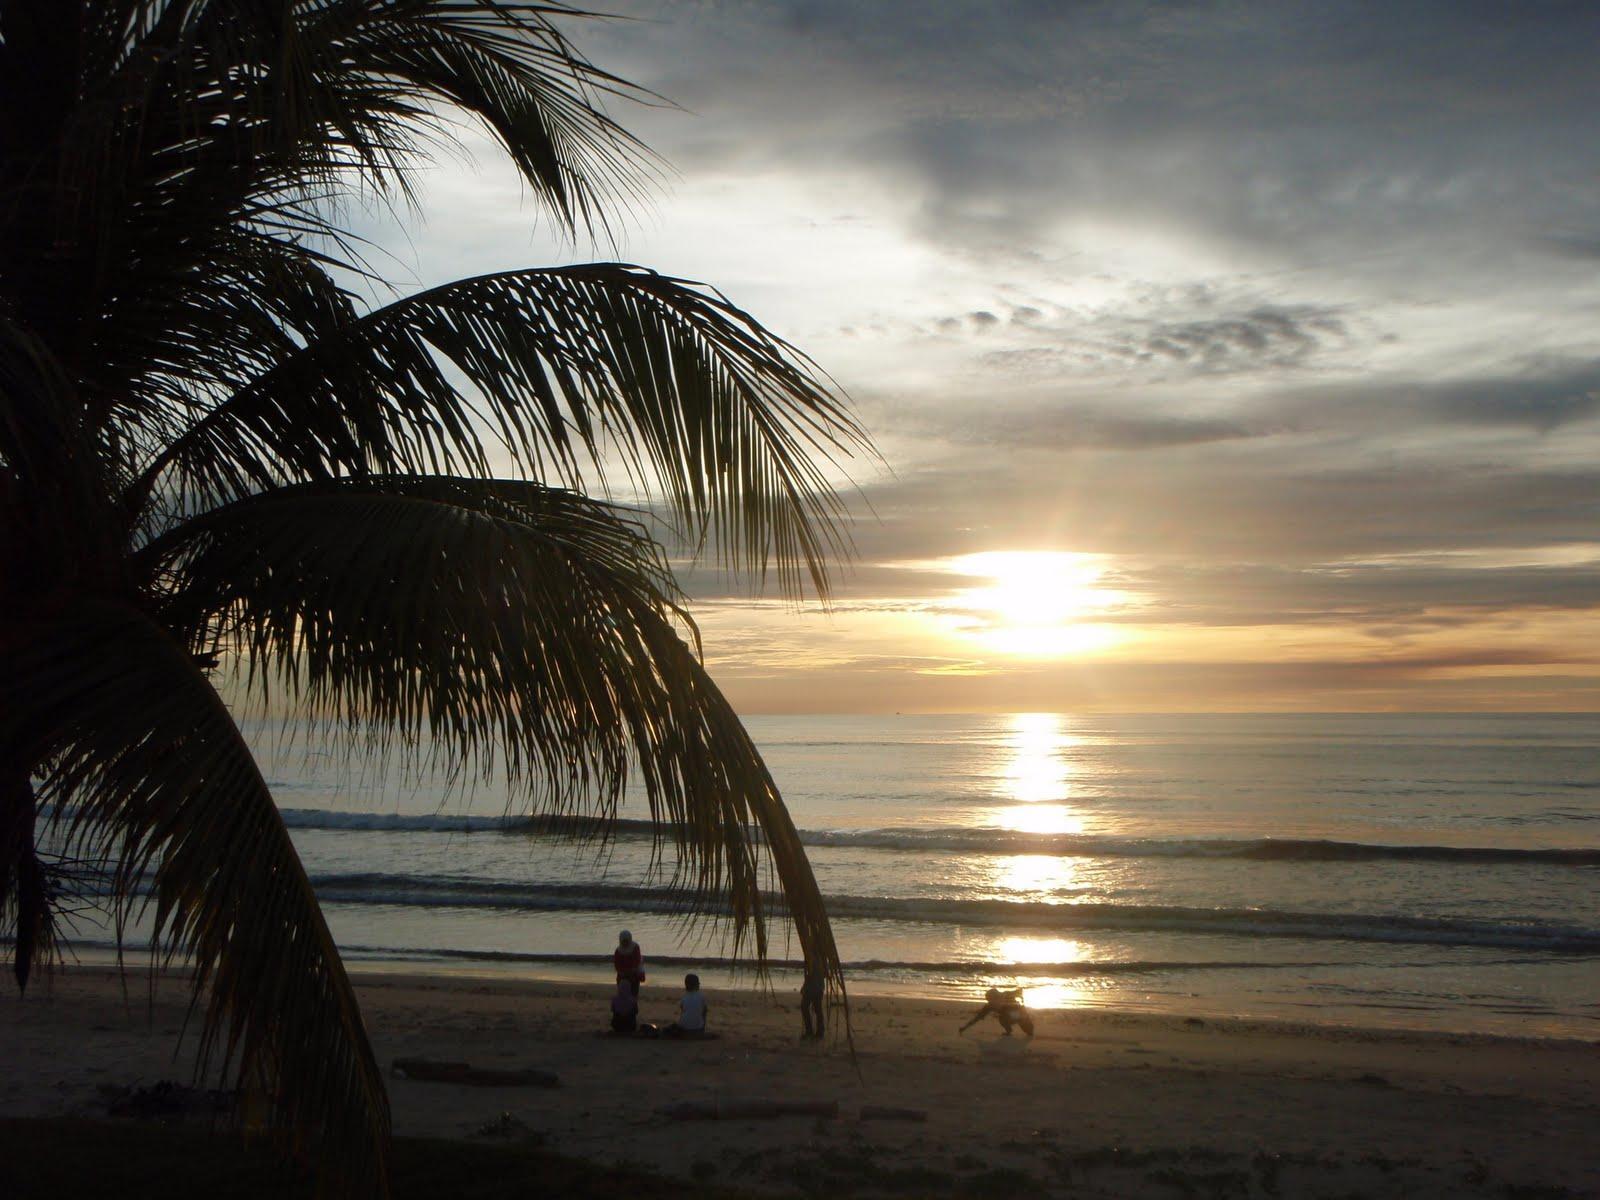 Singgah Sejenak Nun Jauh Di Damak Pemandangan Waktu Senja Di Tepi Pantai